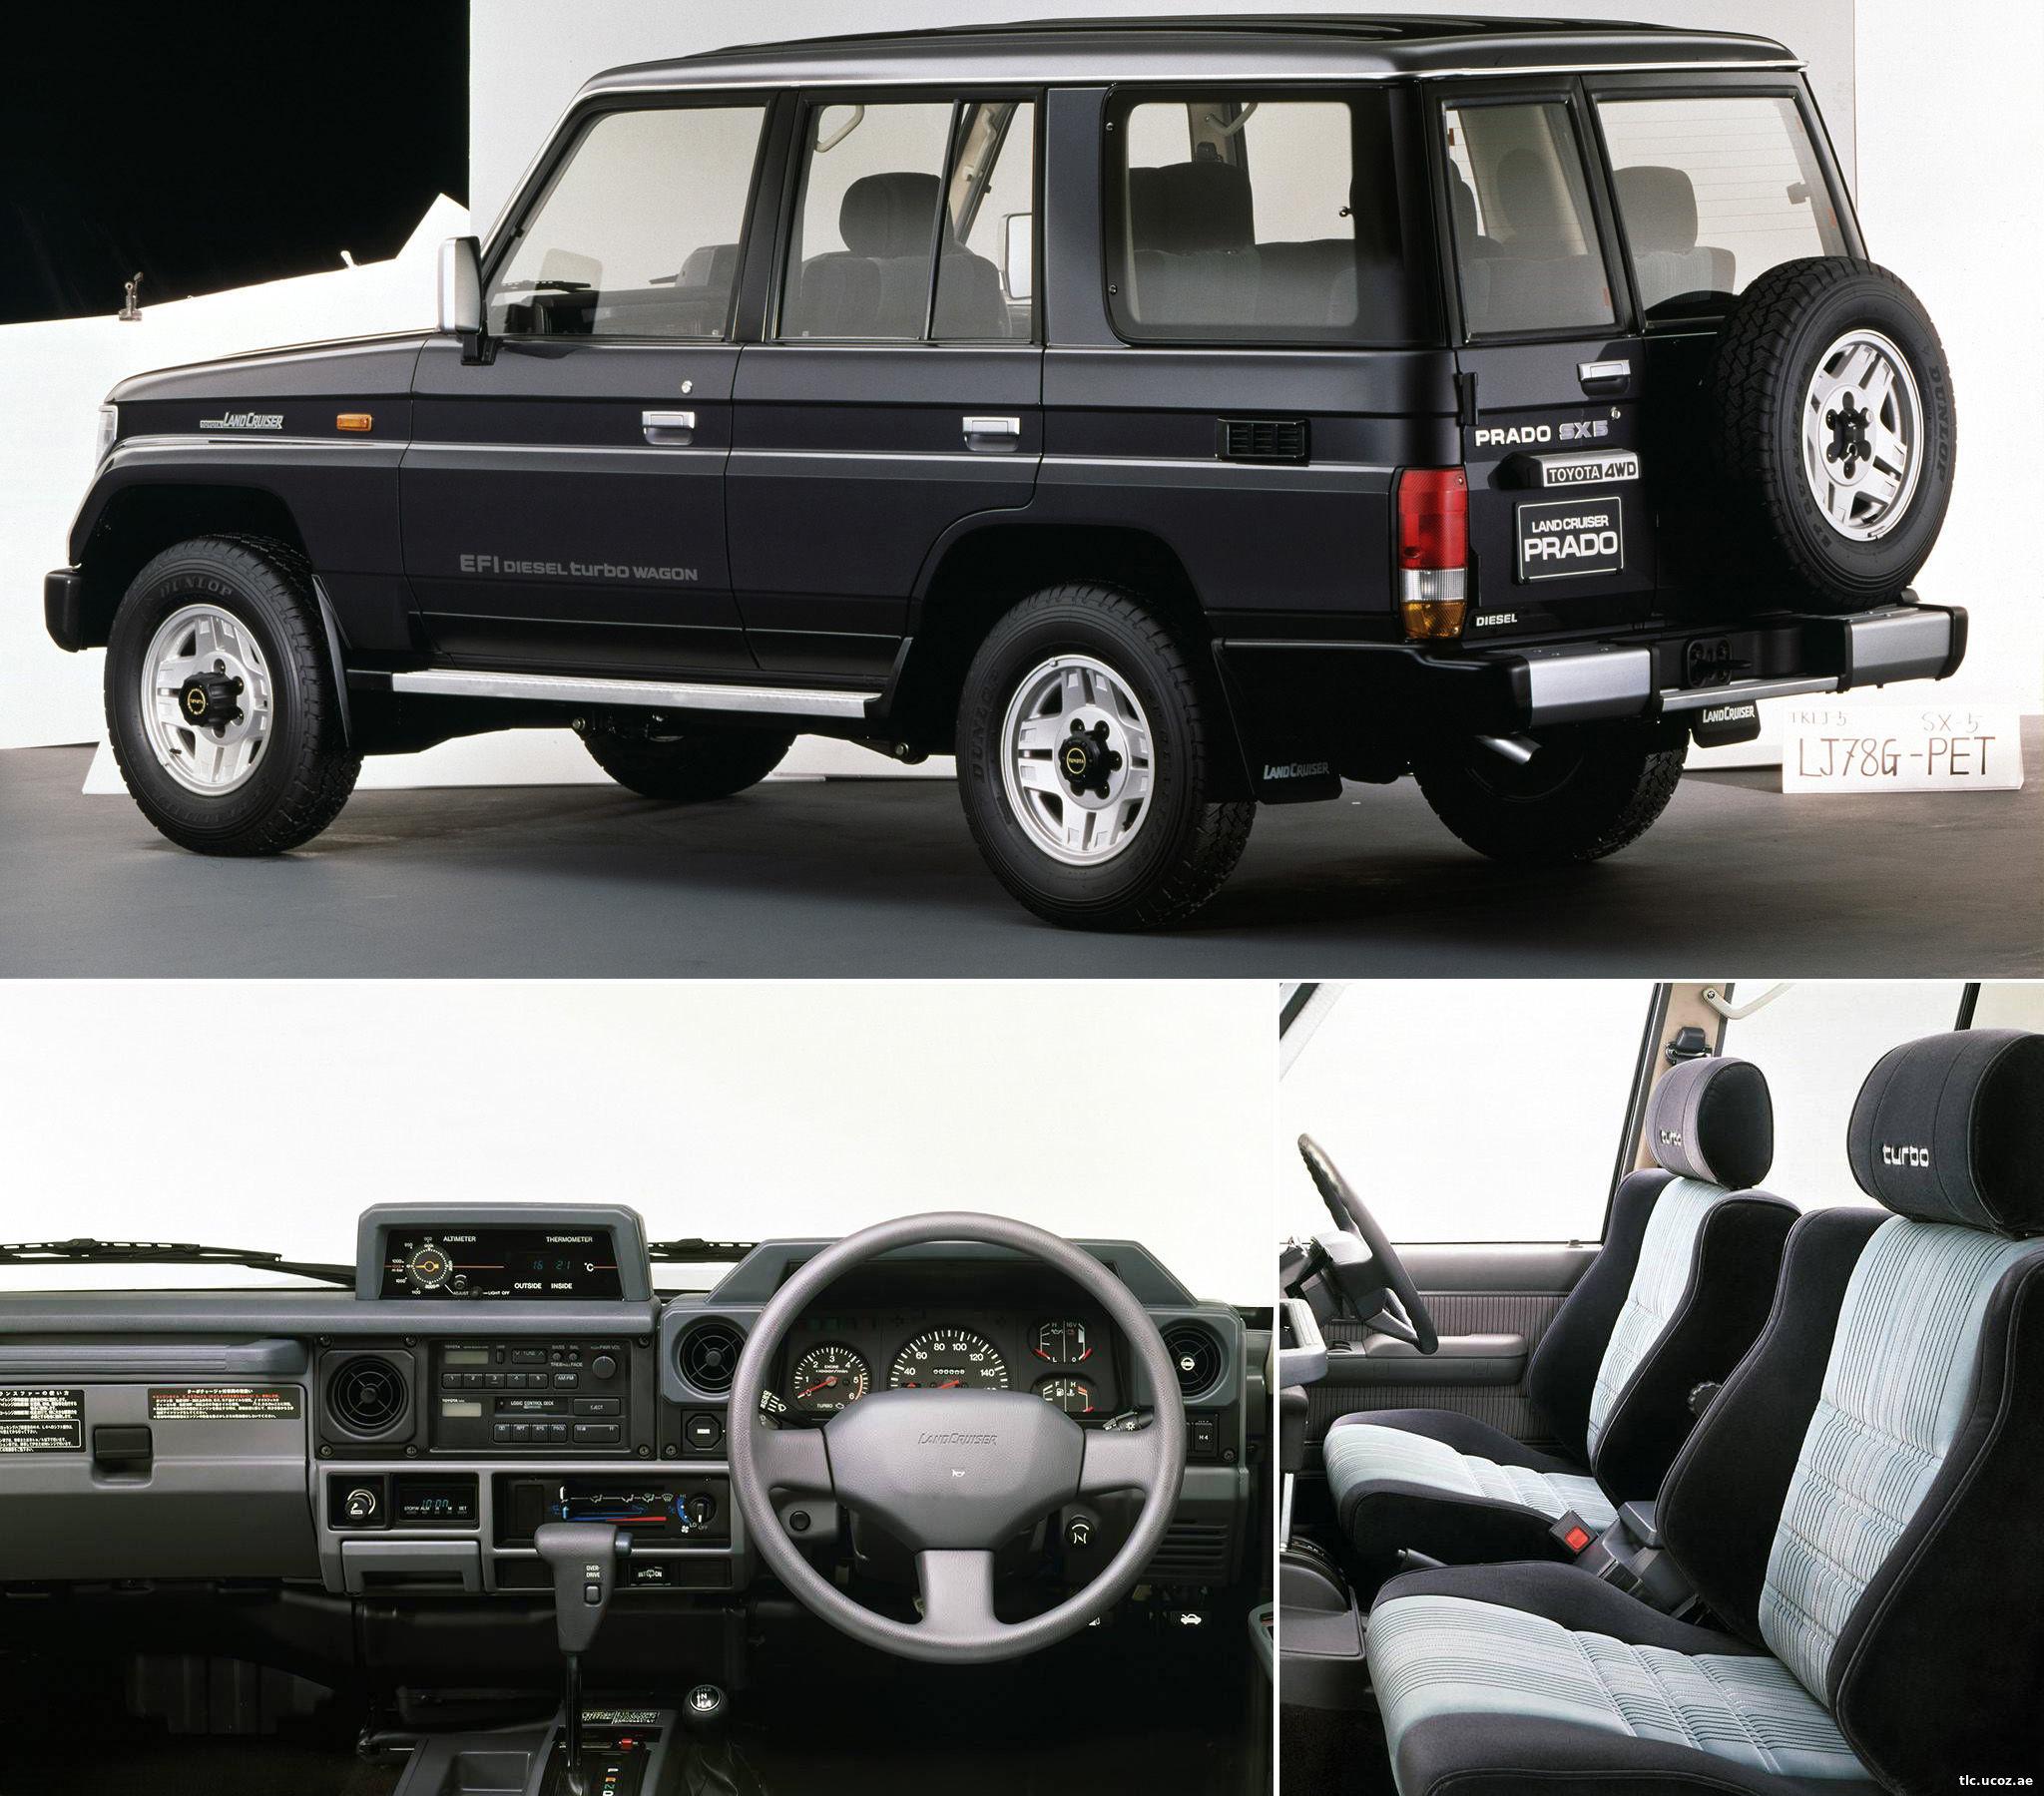 Купить Toyota Land cruiser б/у в Красноярске: цены, фото ...